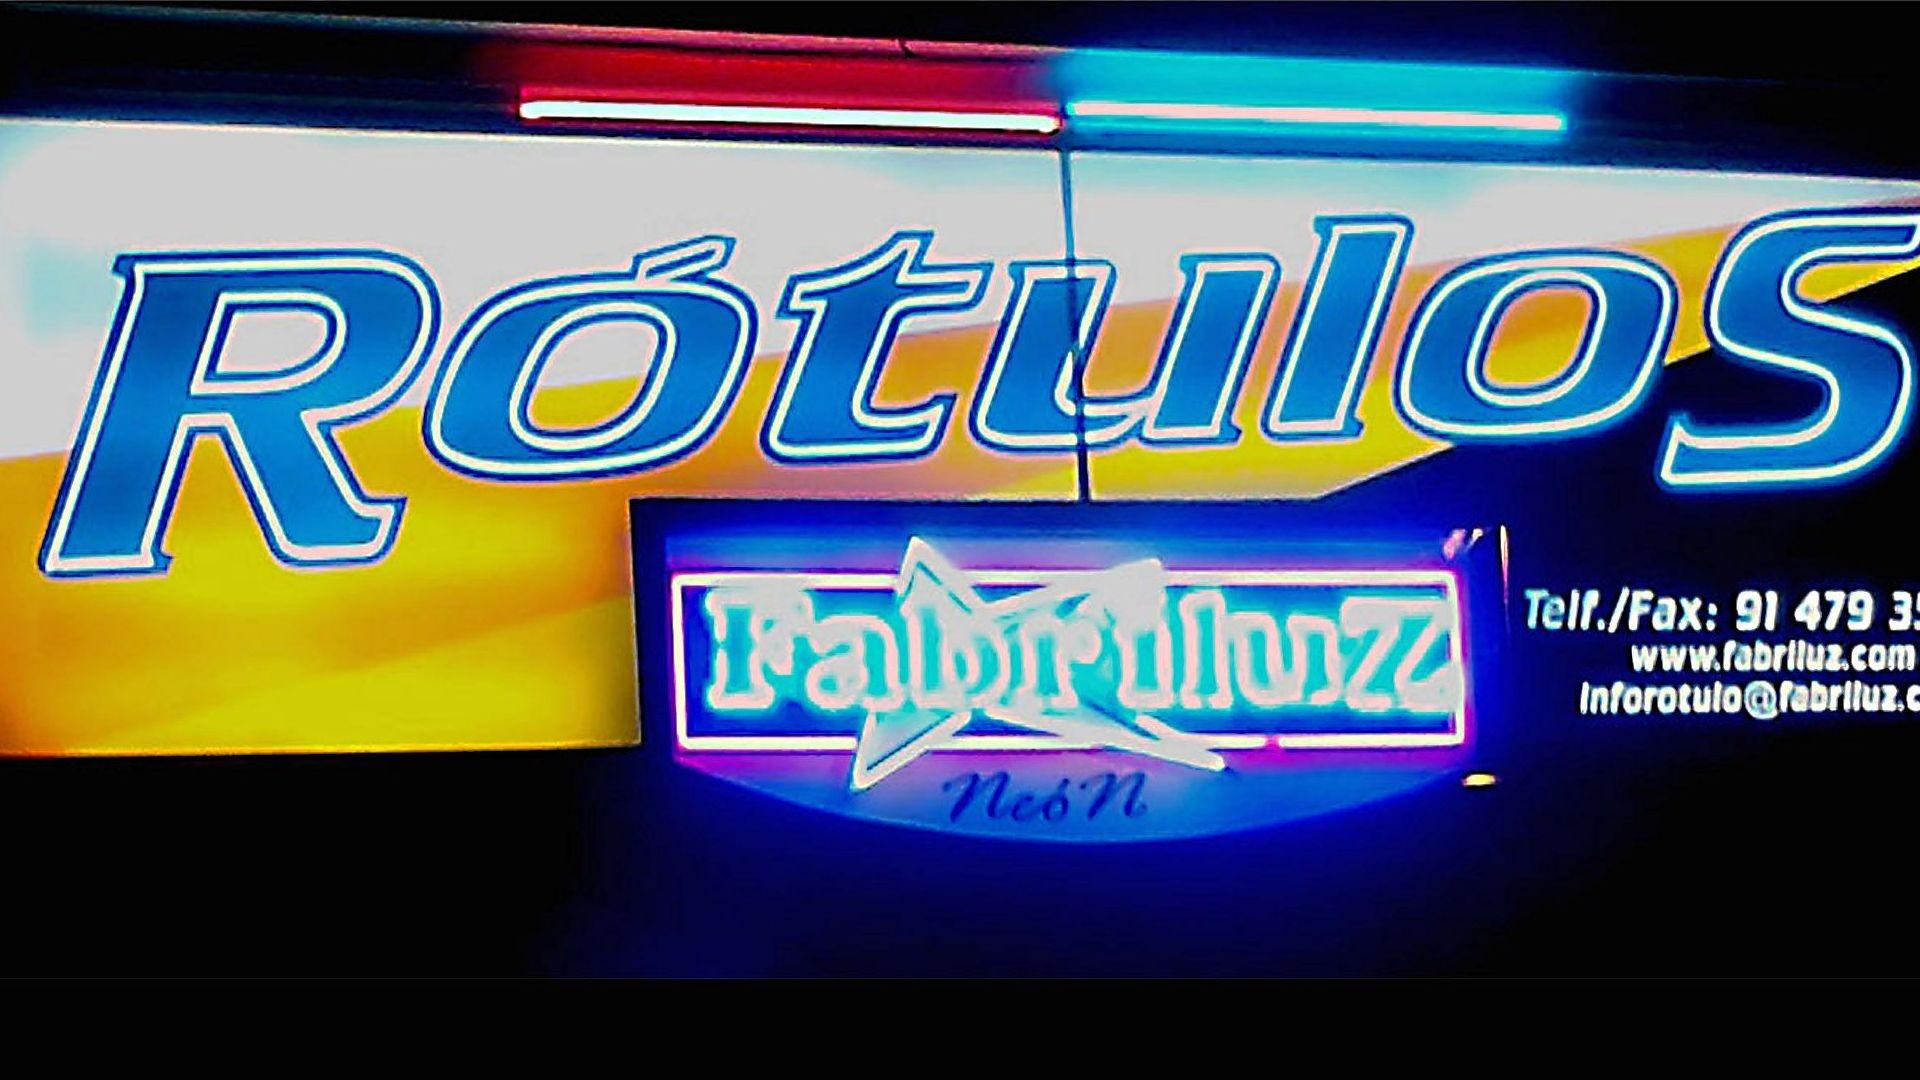 Rótulos en Madrid Fabriluz neón, especialistas en letreros luminosos, letras corpóreas neón